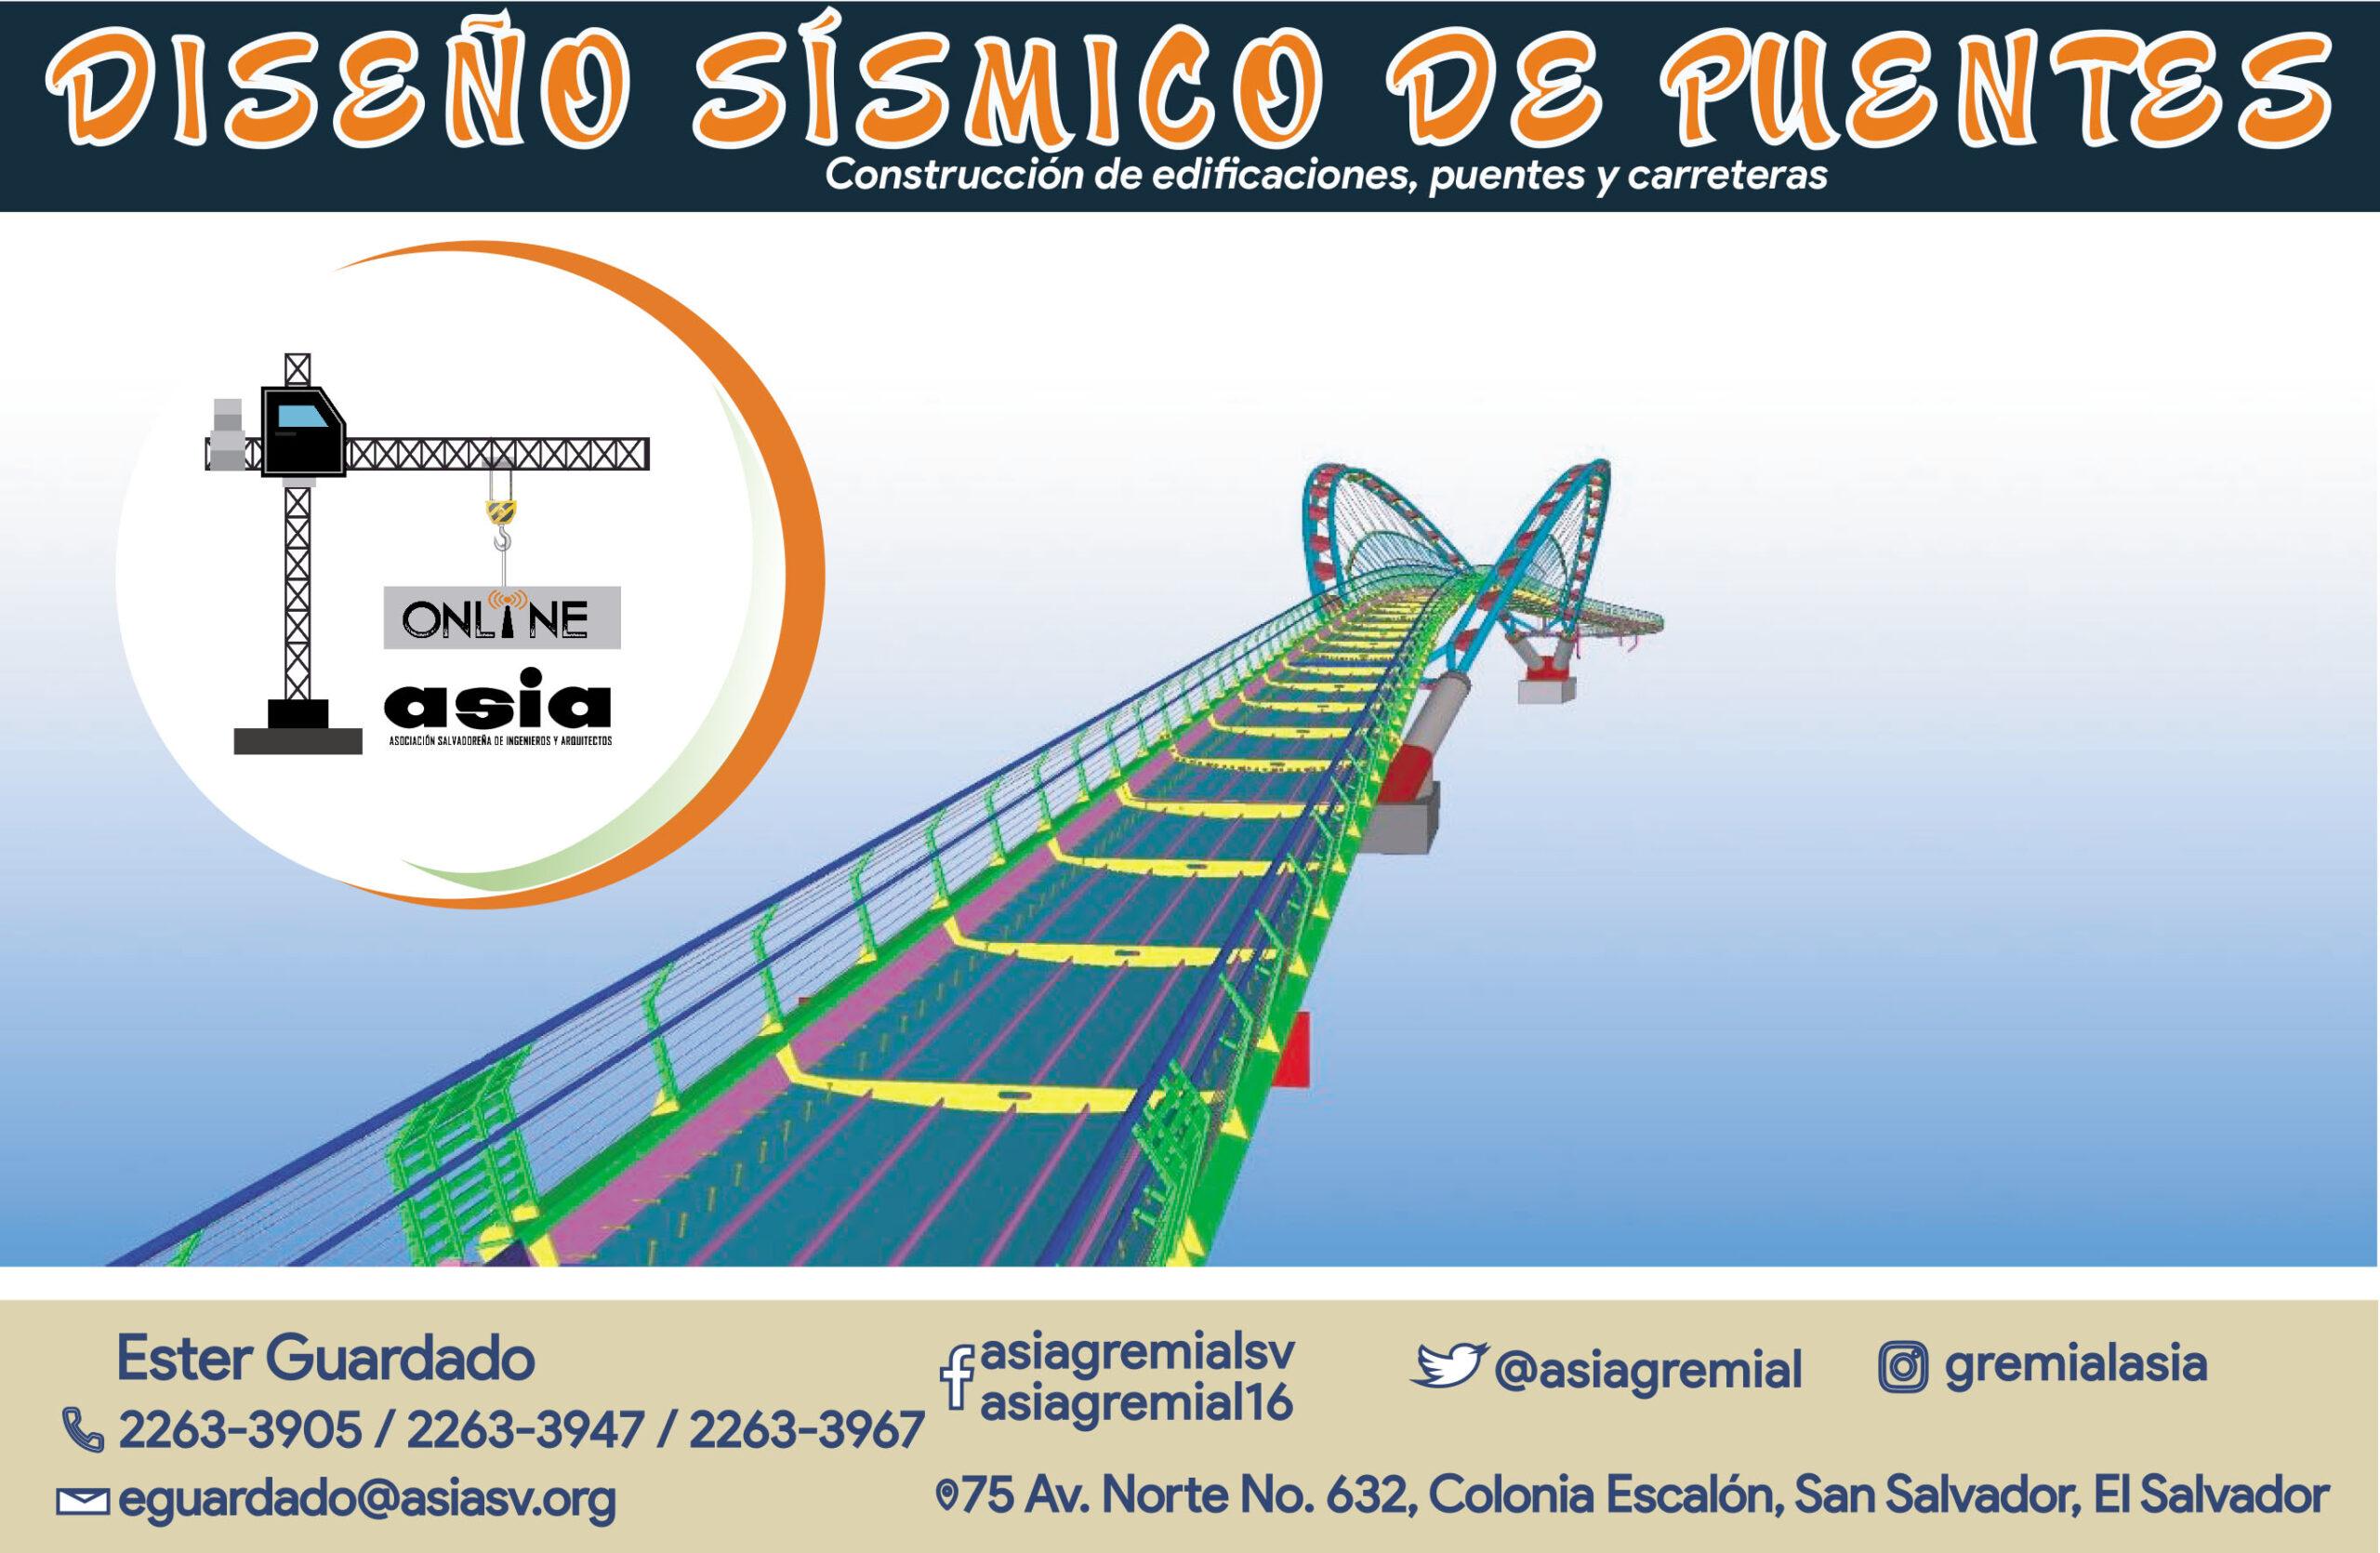 202104 Diseño sísmico de puentes